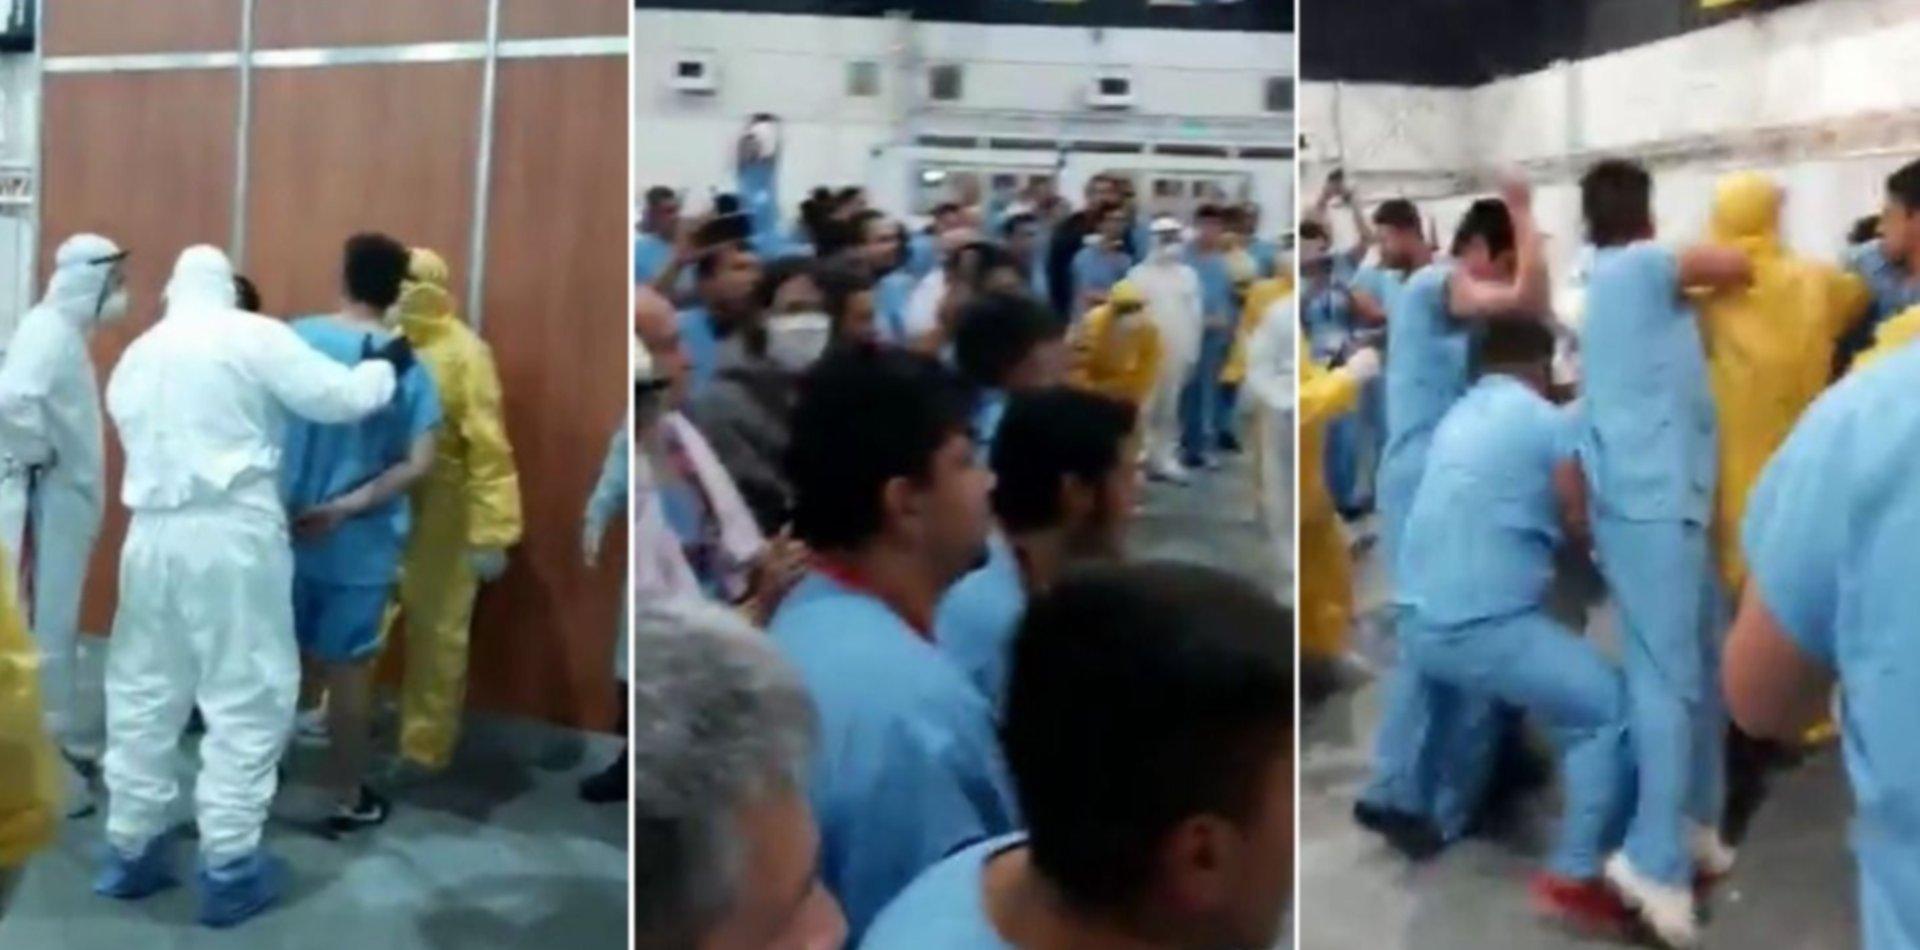 VIDEO: Un supuesto robo desató una batalla campal entre pacientes con coronavirus